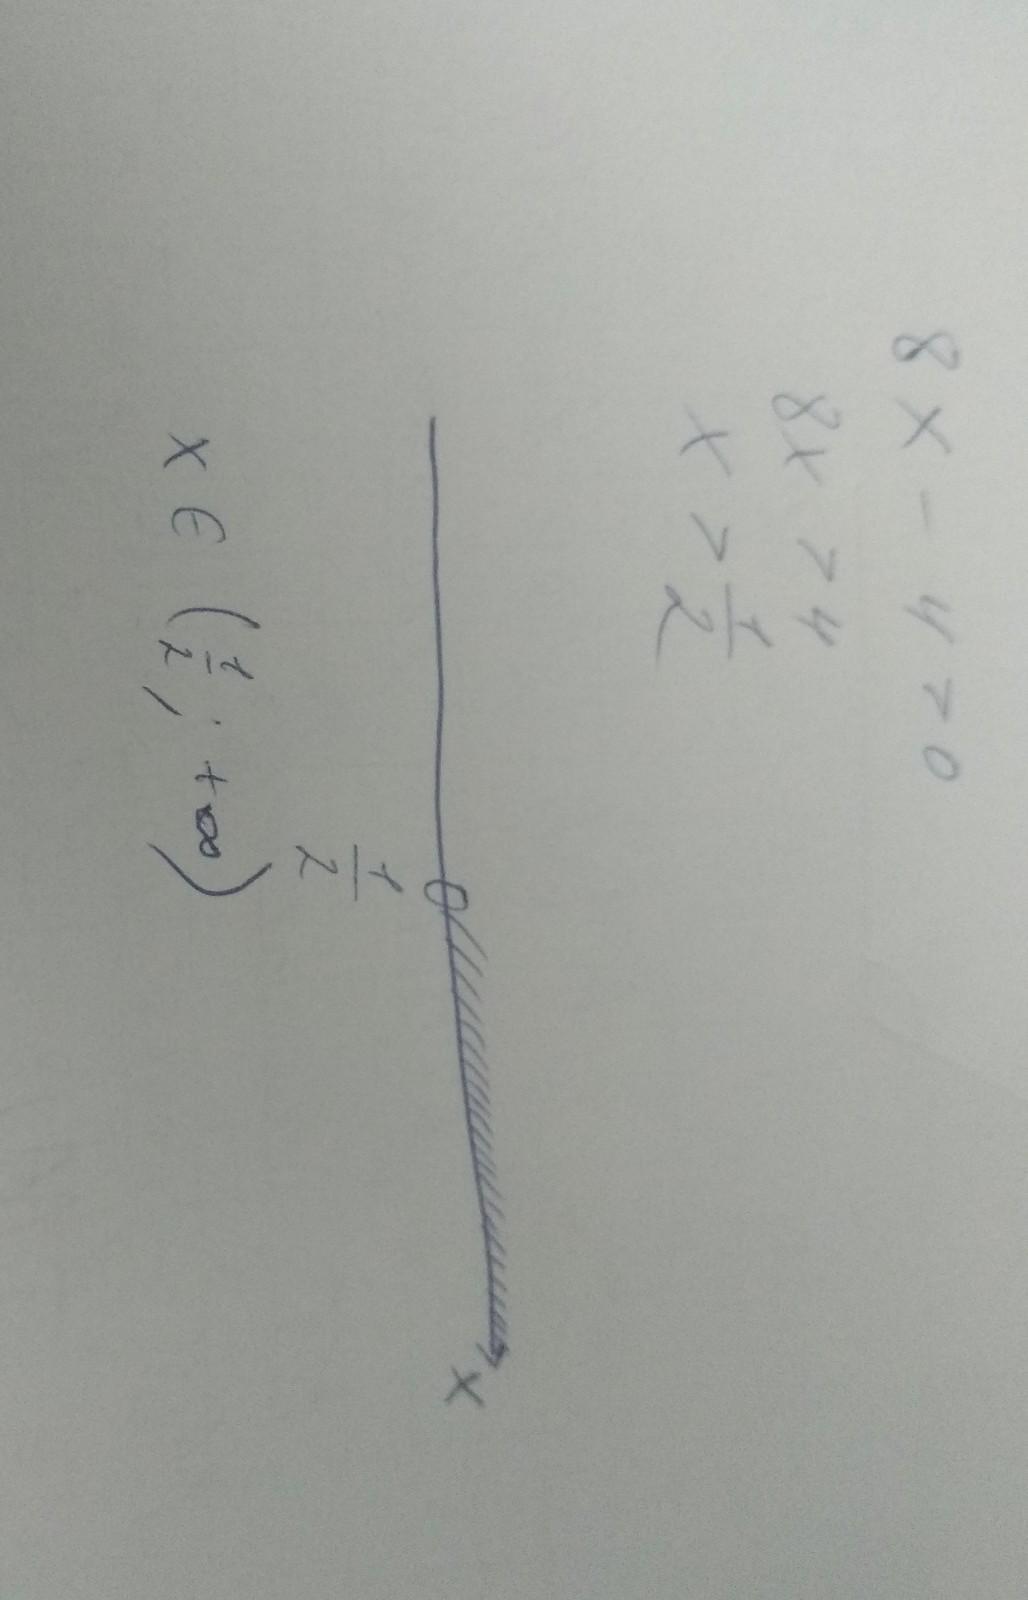 8x-2²>0 решите неравенство  8x-2^2>0 Нужно